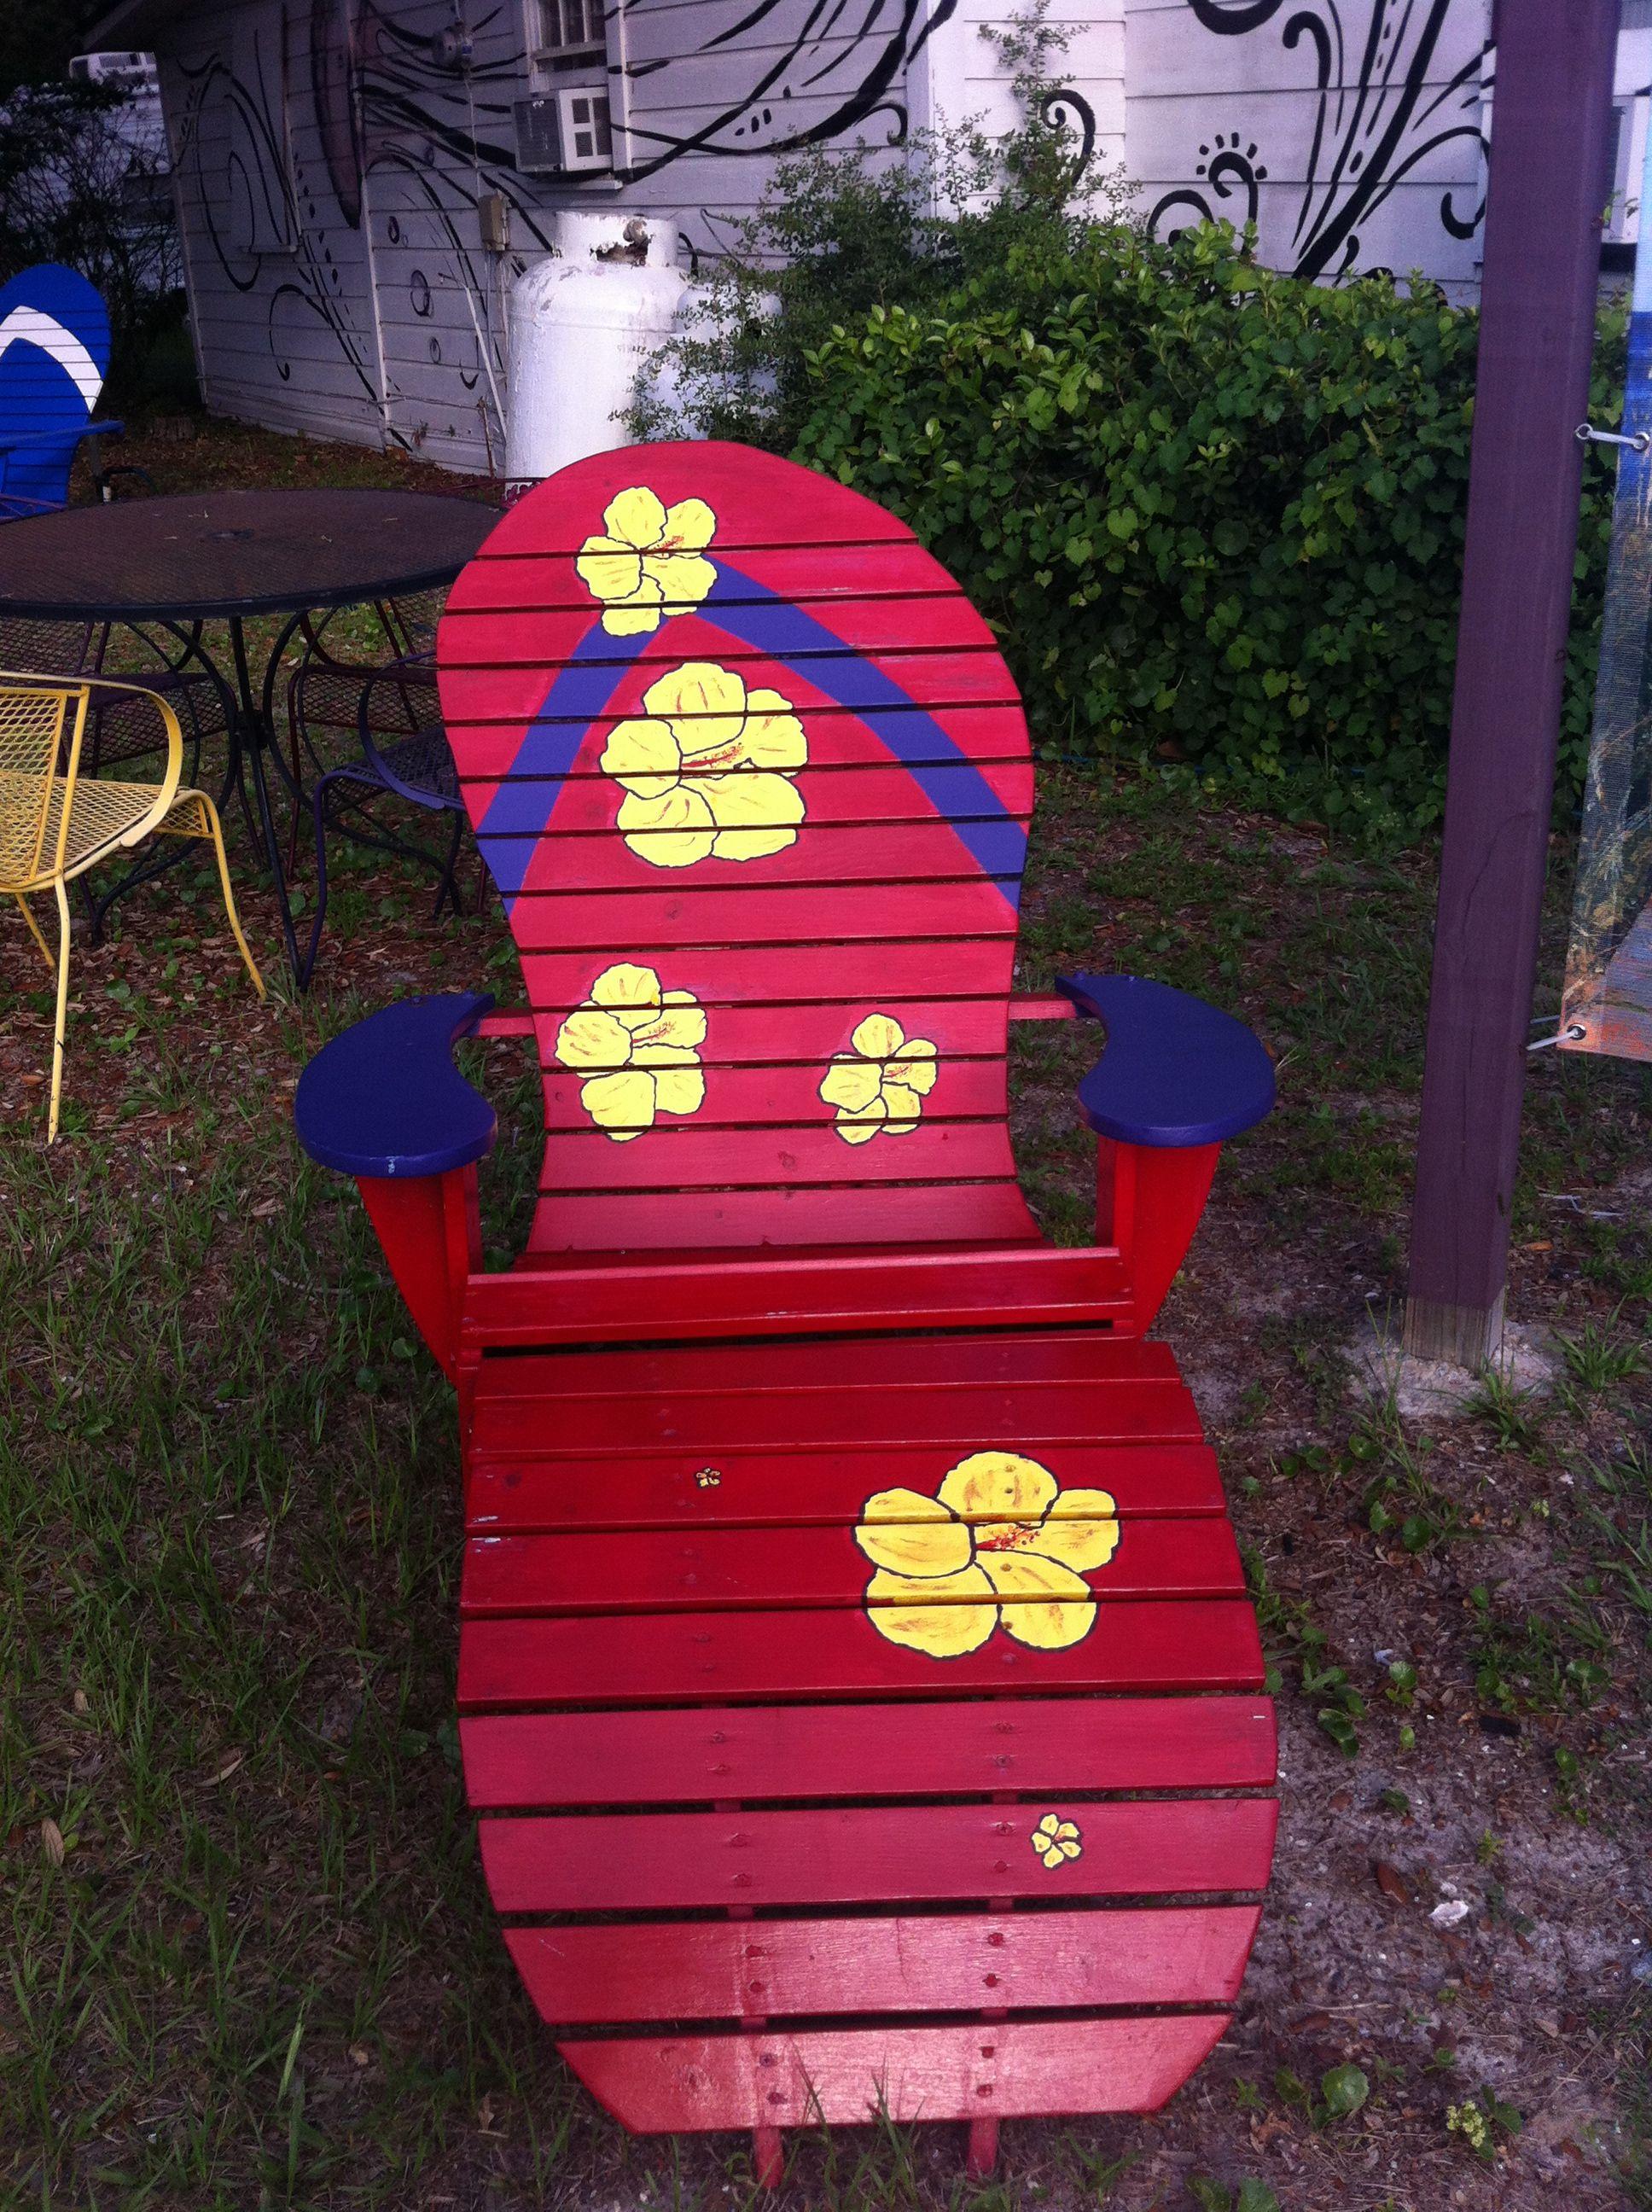 Flip Flop Chair Cute Red Flip Flop Chair Yard Art Pinterest Red Flip Flops